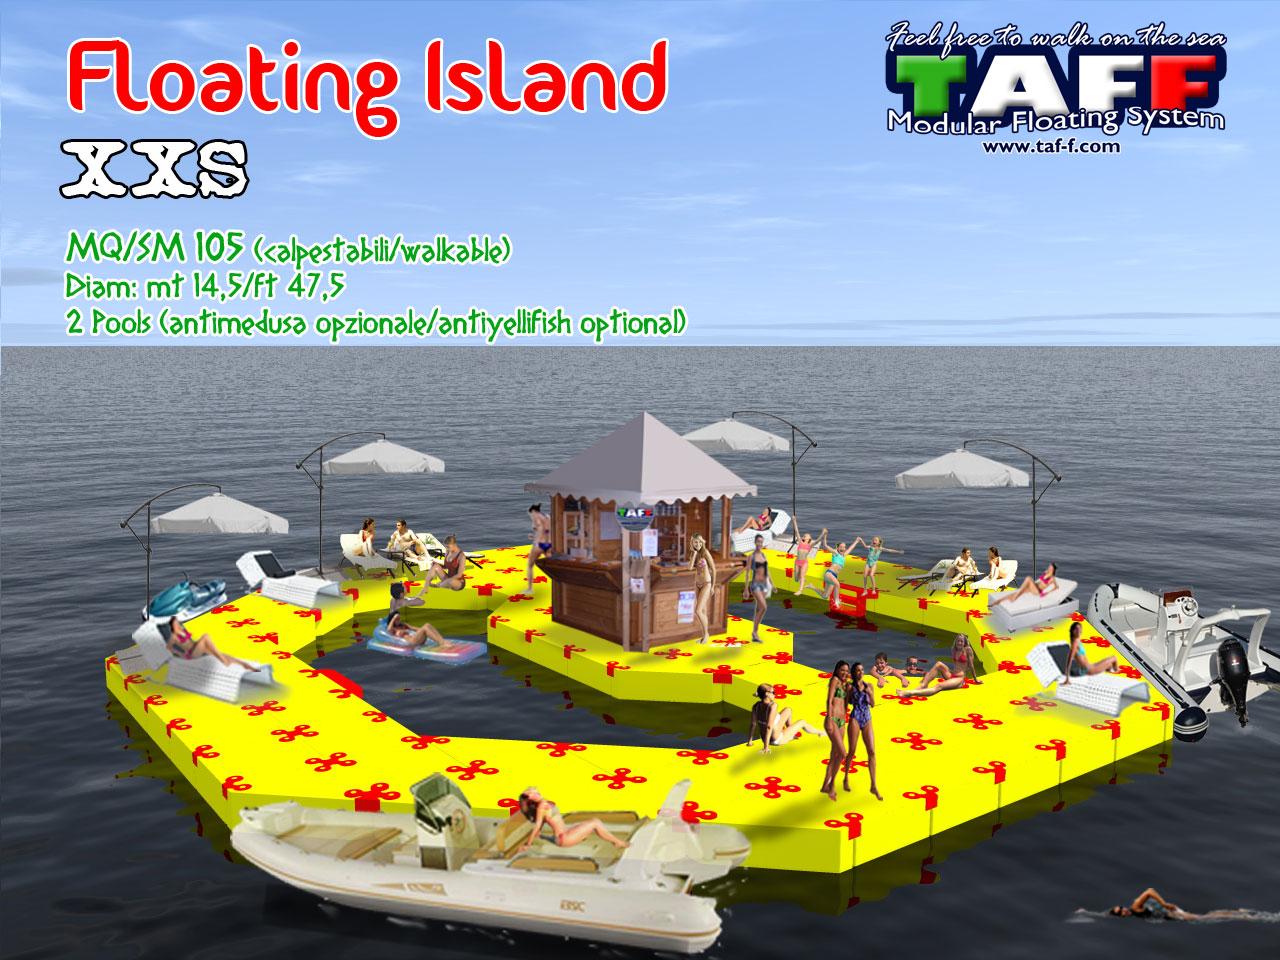 floating-island-xxs-news.jpg